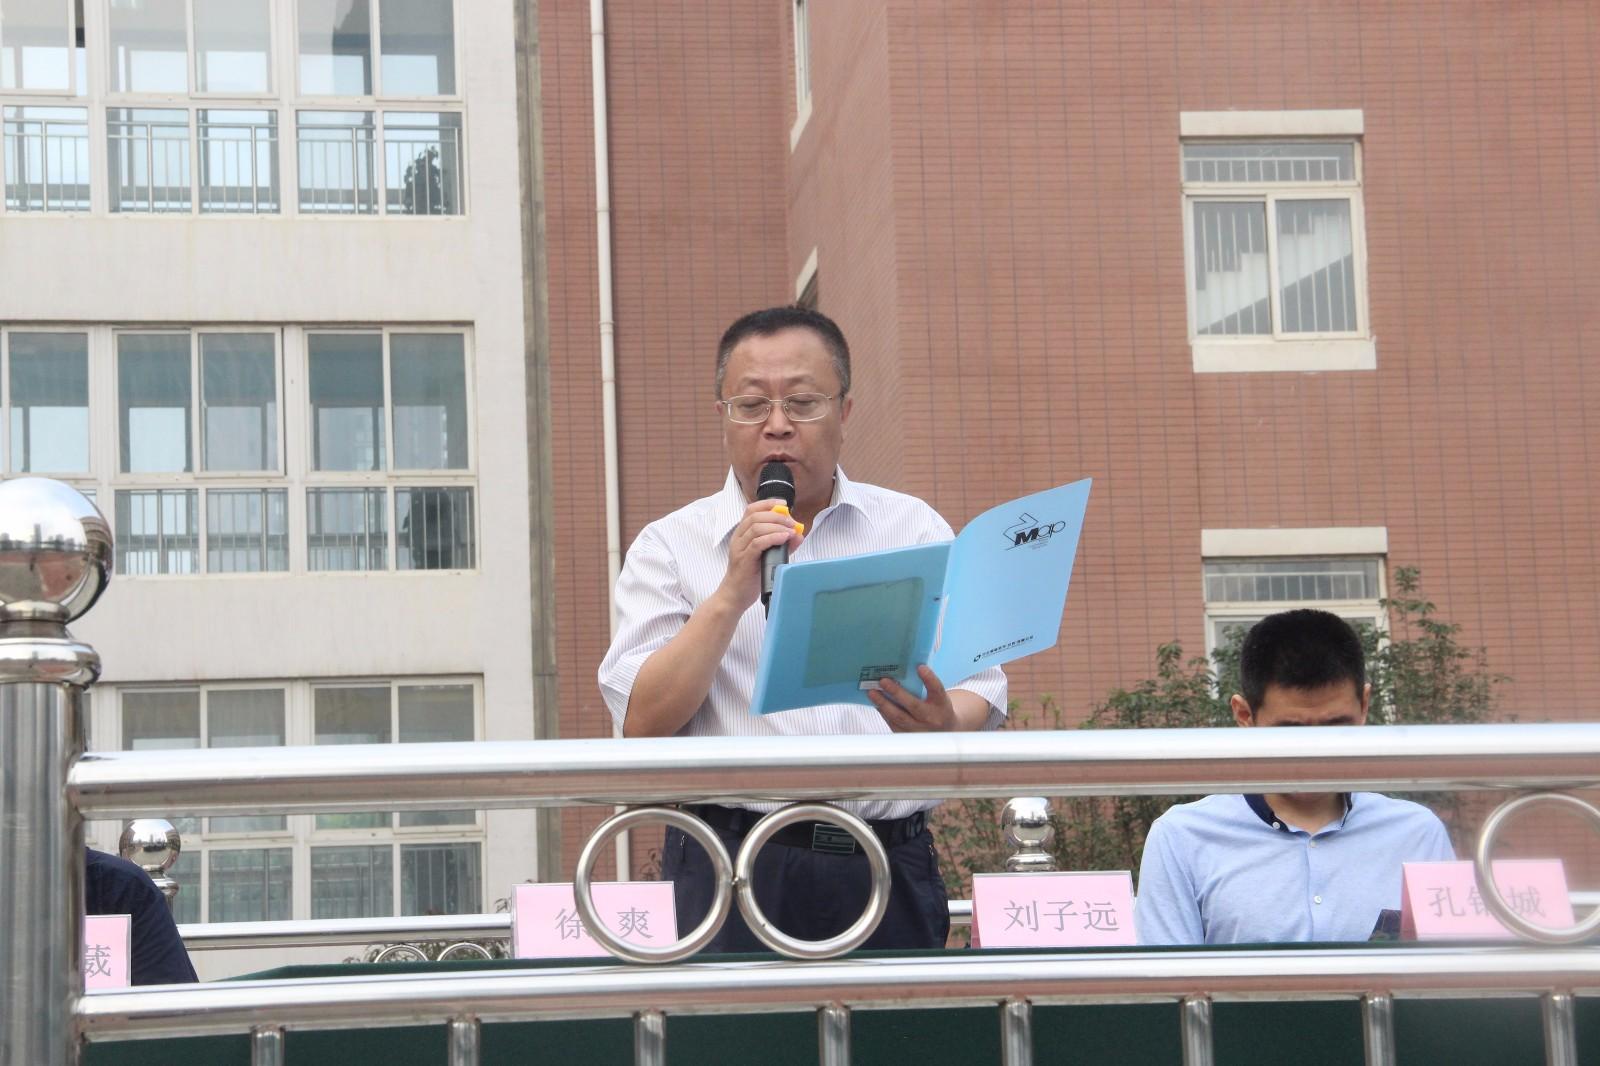 刘子远校长为新学期致辞.jpg